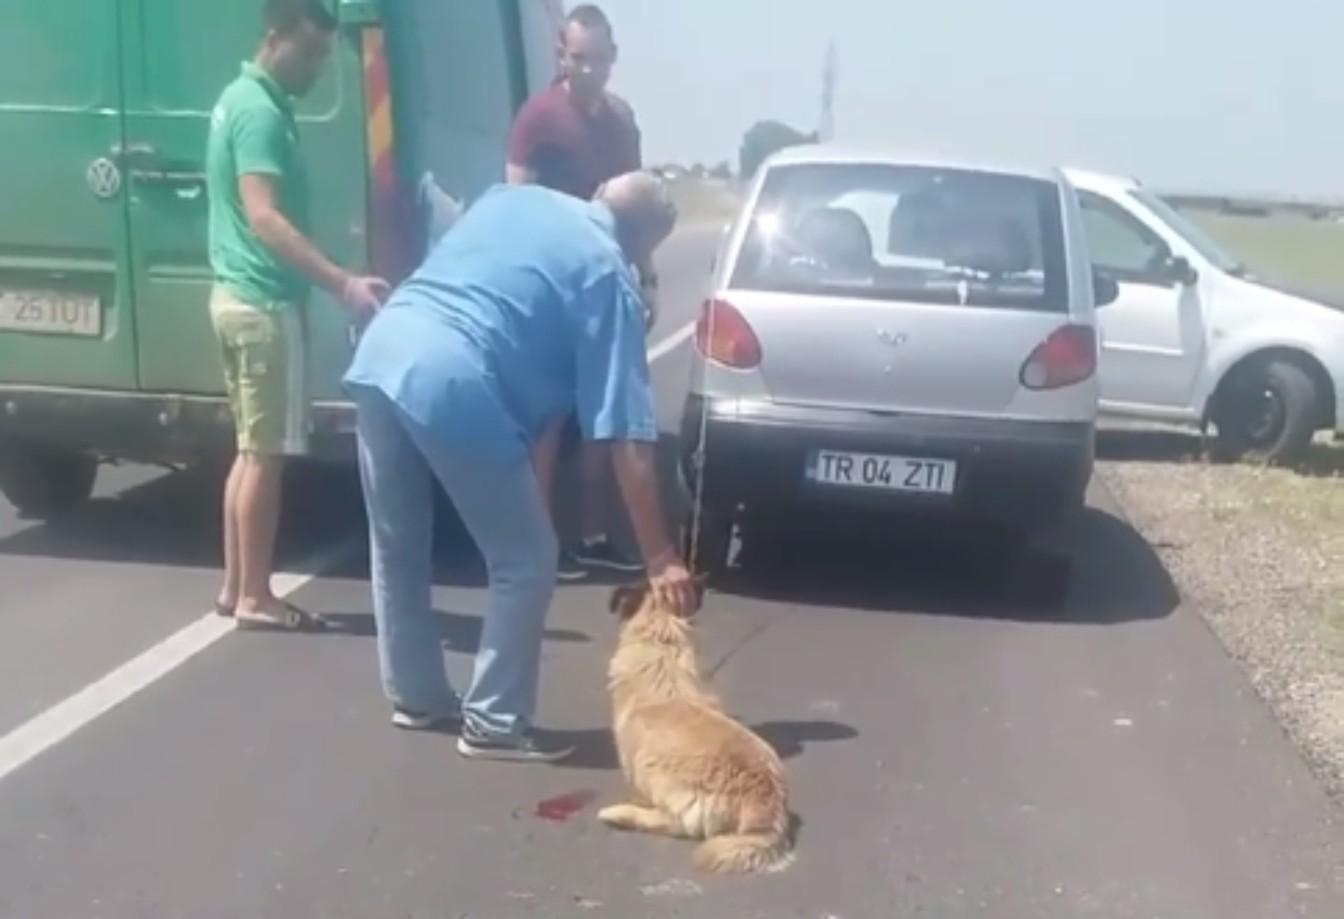 Imagini de o cruzime rară! Un bărbat de 72 de ani, acuzat că și-a torturat câinele. Ce explicații le-a dat omul polițiștilor